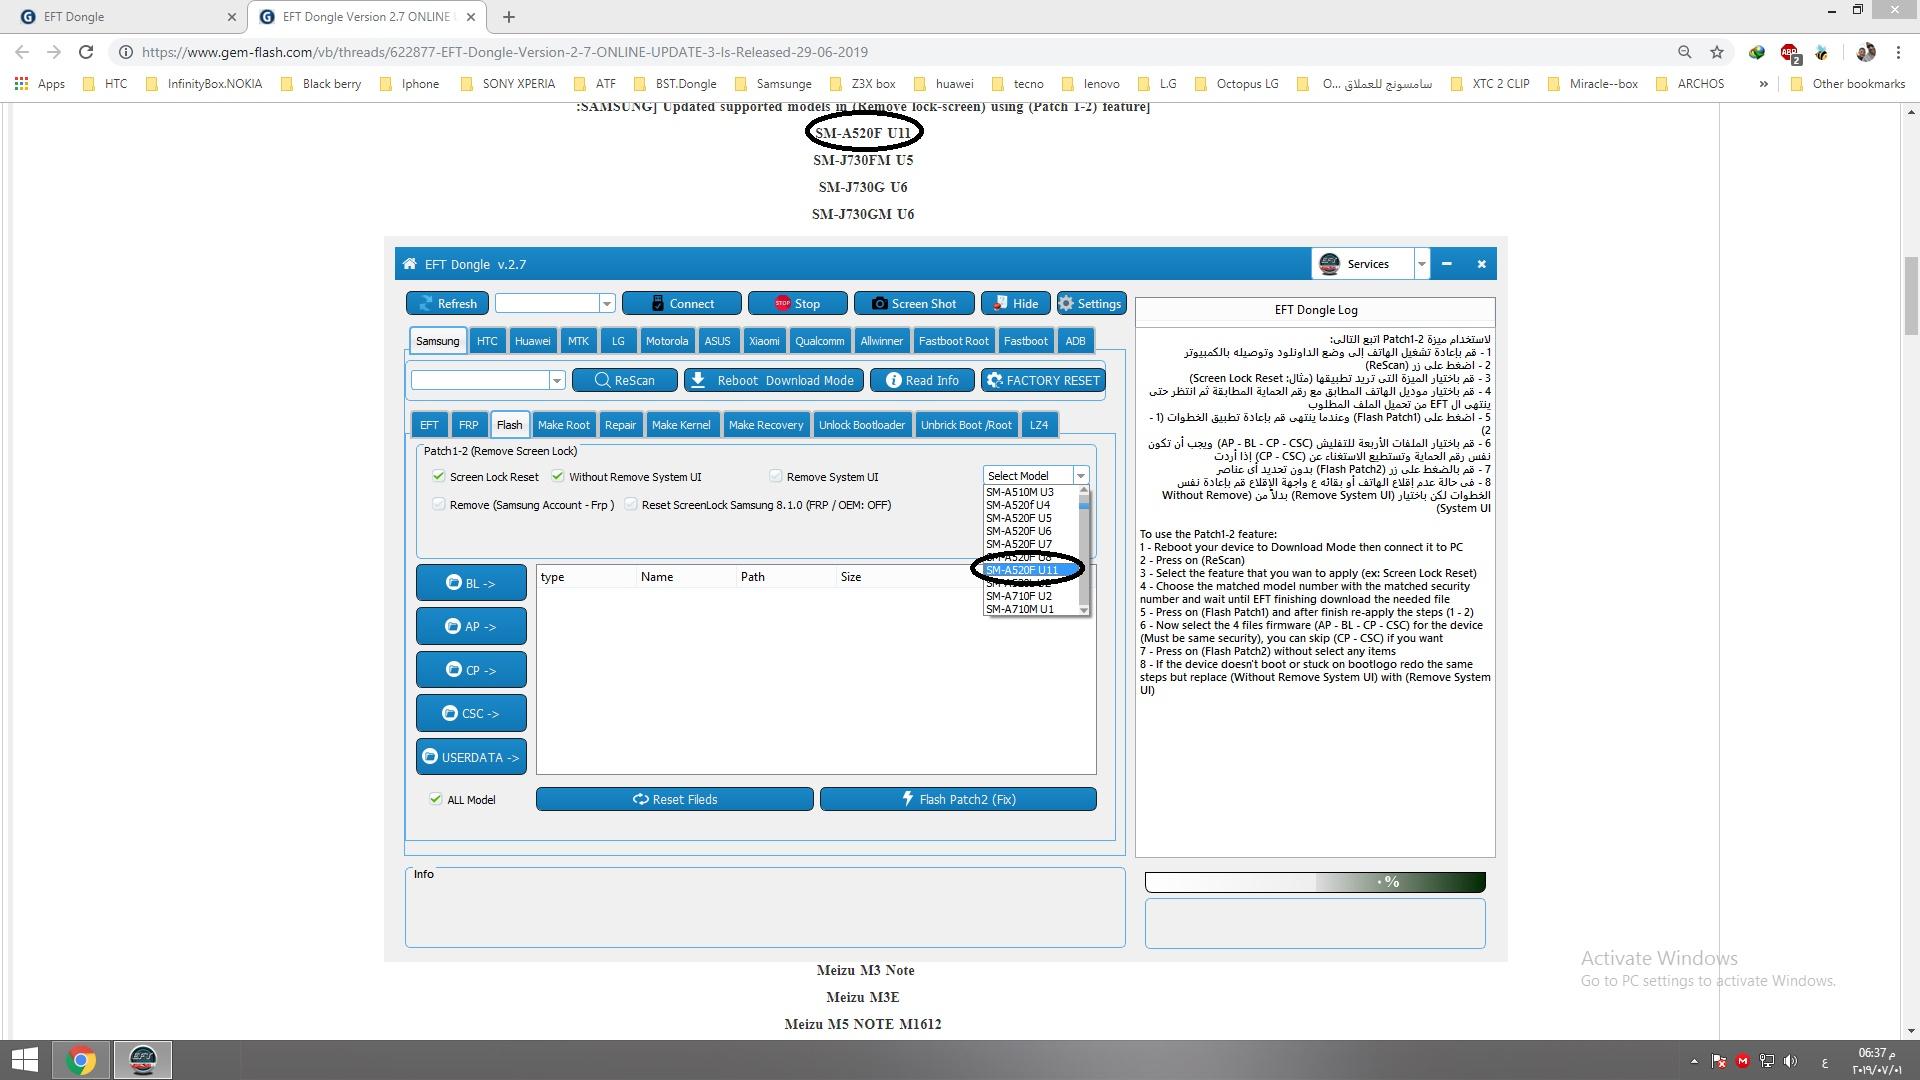 التحديث الاونلاين EFT Dongle Version 2.7  3 بتاريخ 29/06/2019